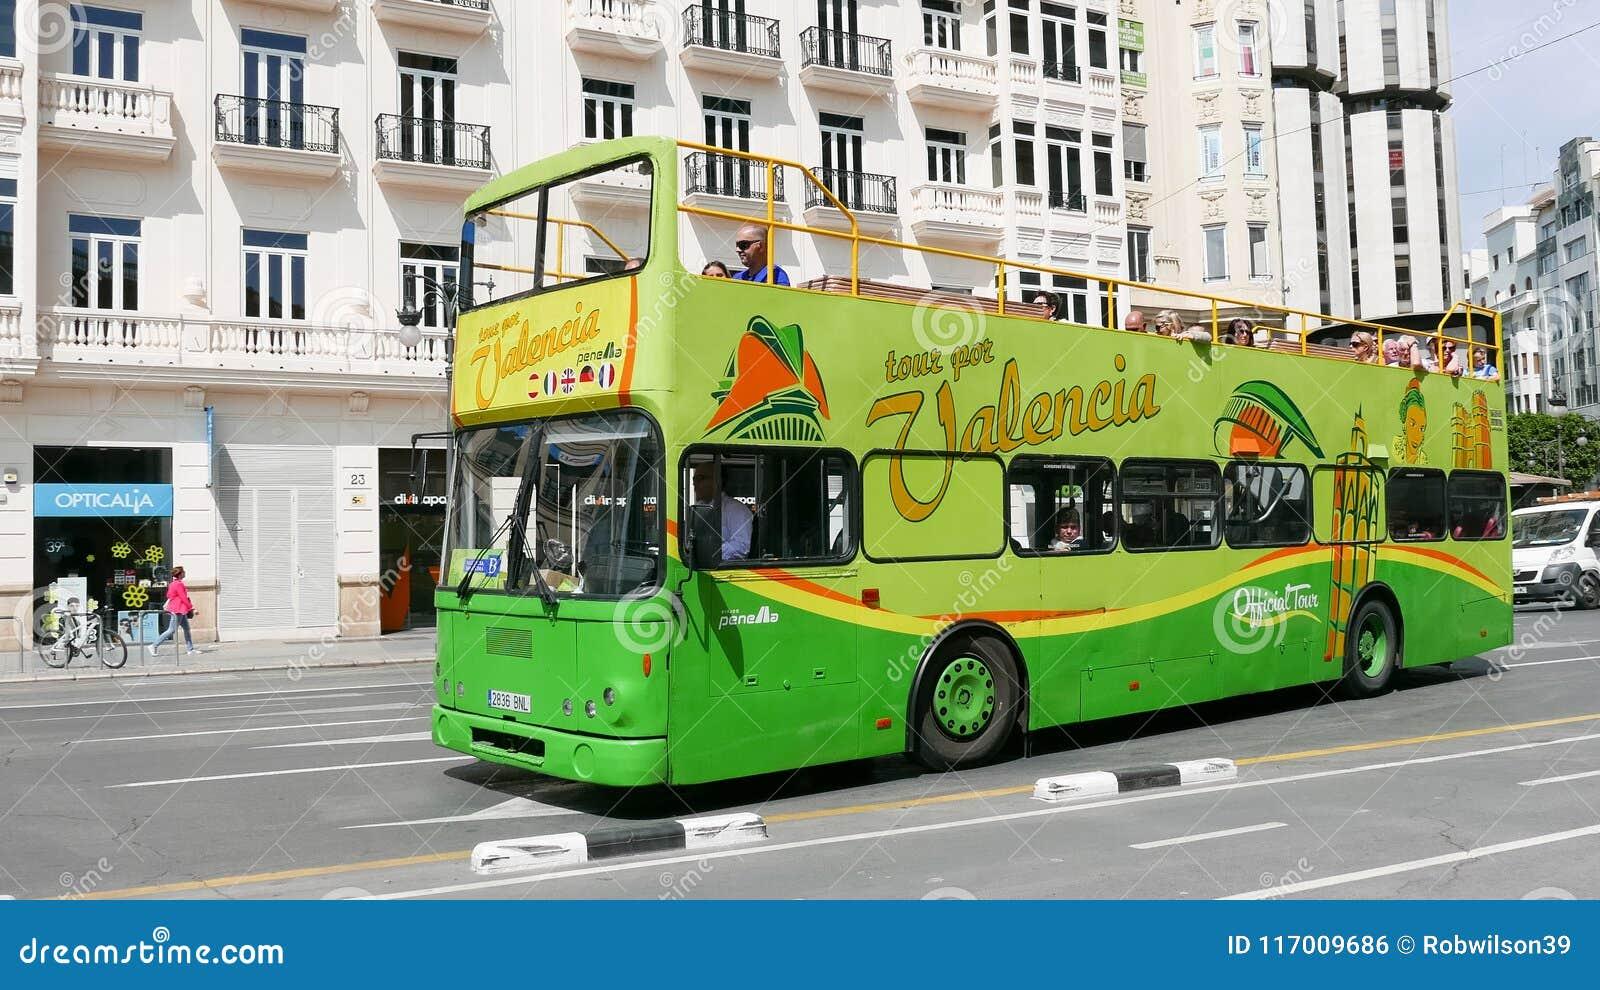 Туристический автобус города Валенсии в улицах Валенсии